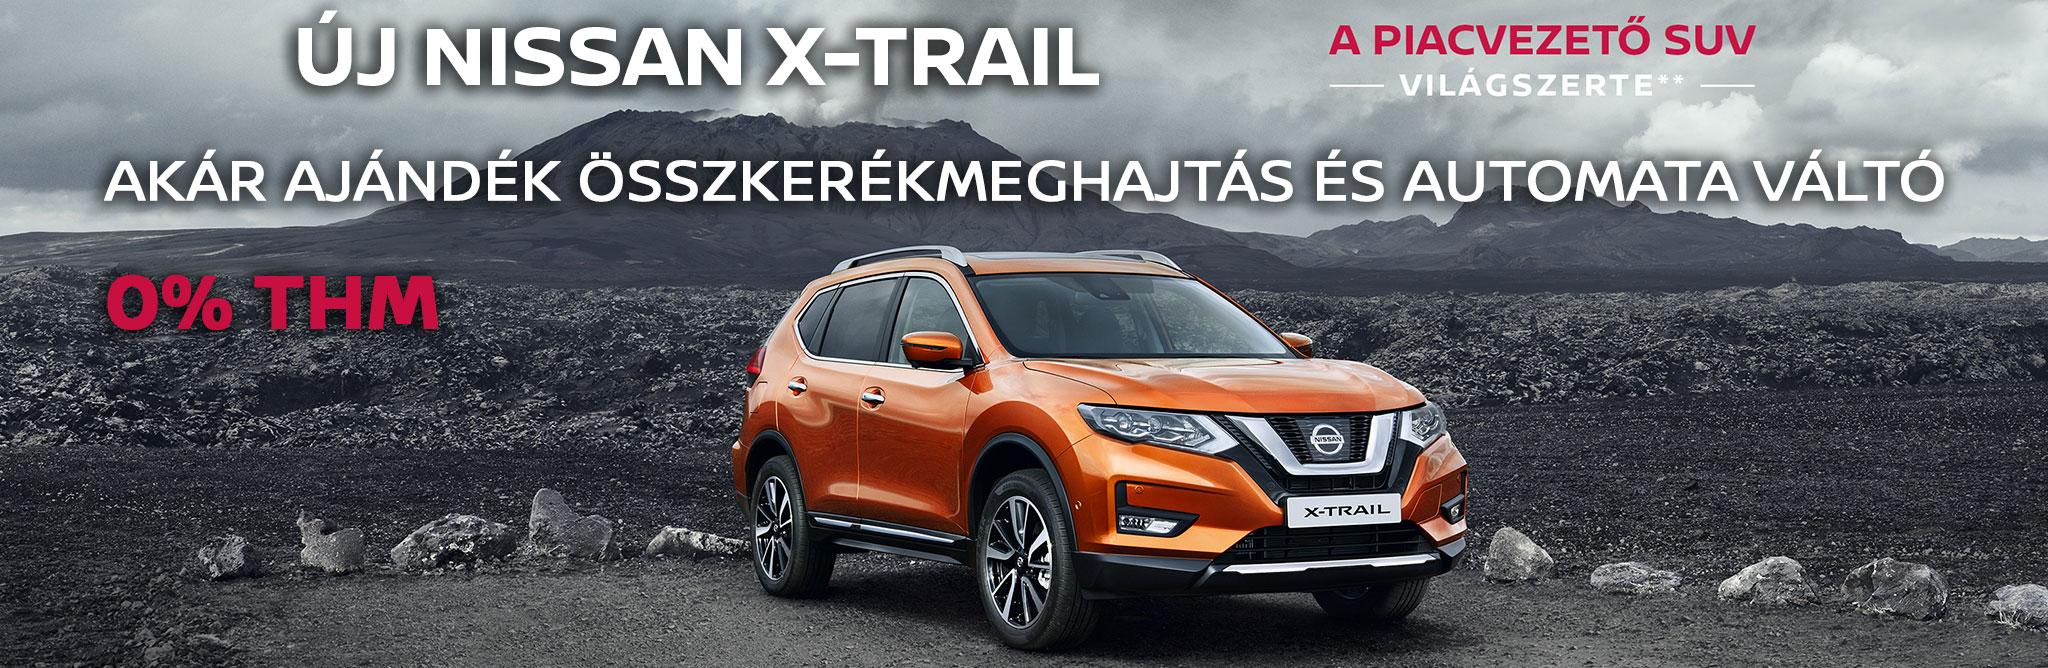 Új Nissan X-Trail: akár ajándék összkerékmeghajtás és automata váltó, 0% THM